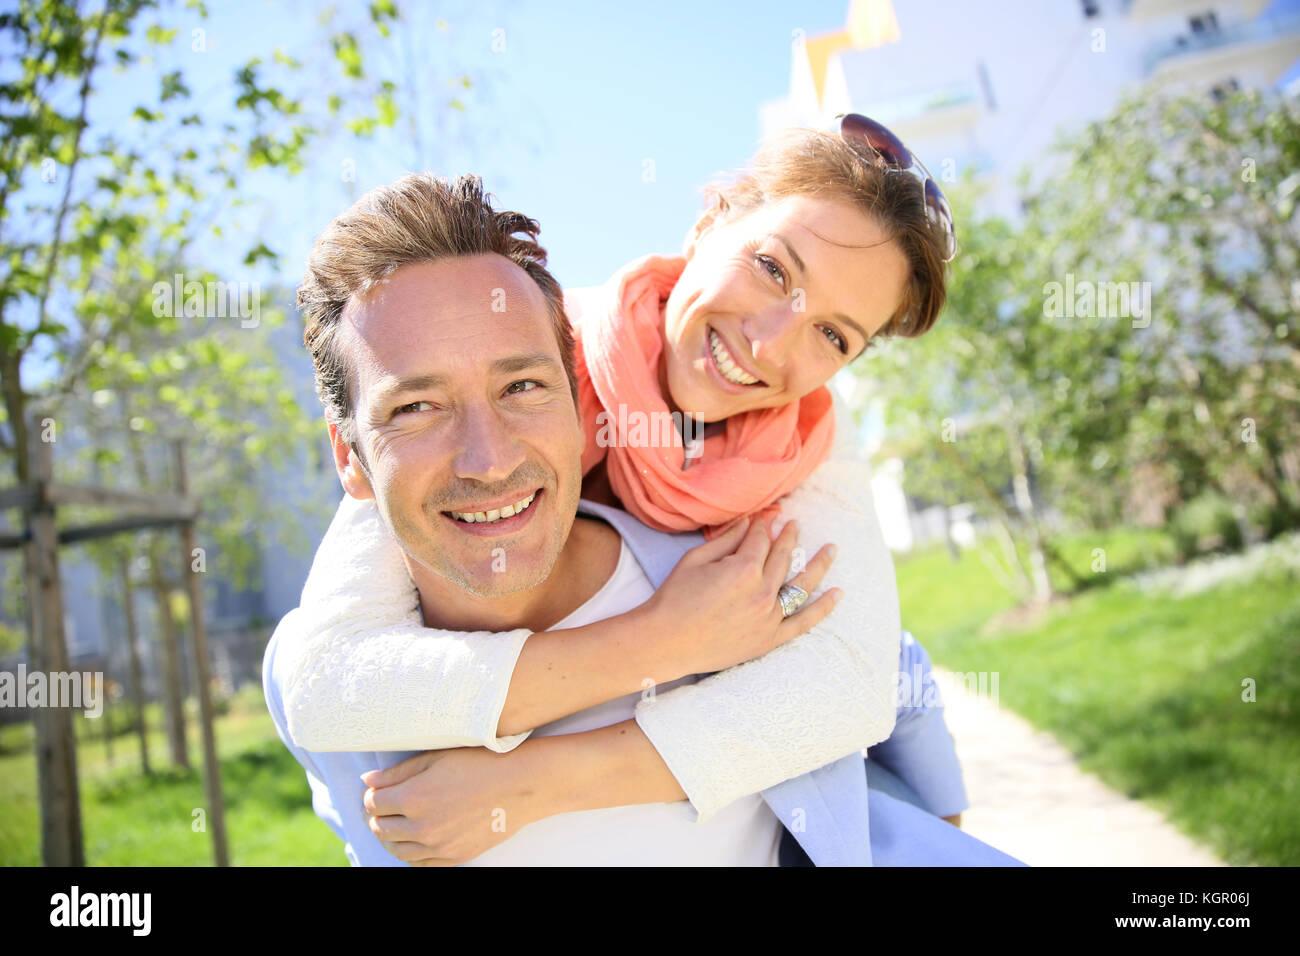 L uomo dando piggyback ride per donna in posizione di parcheggio Immagini Stock